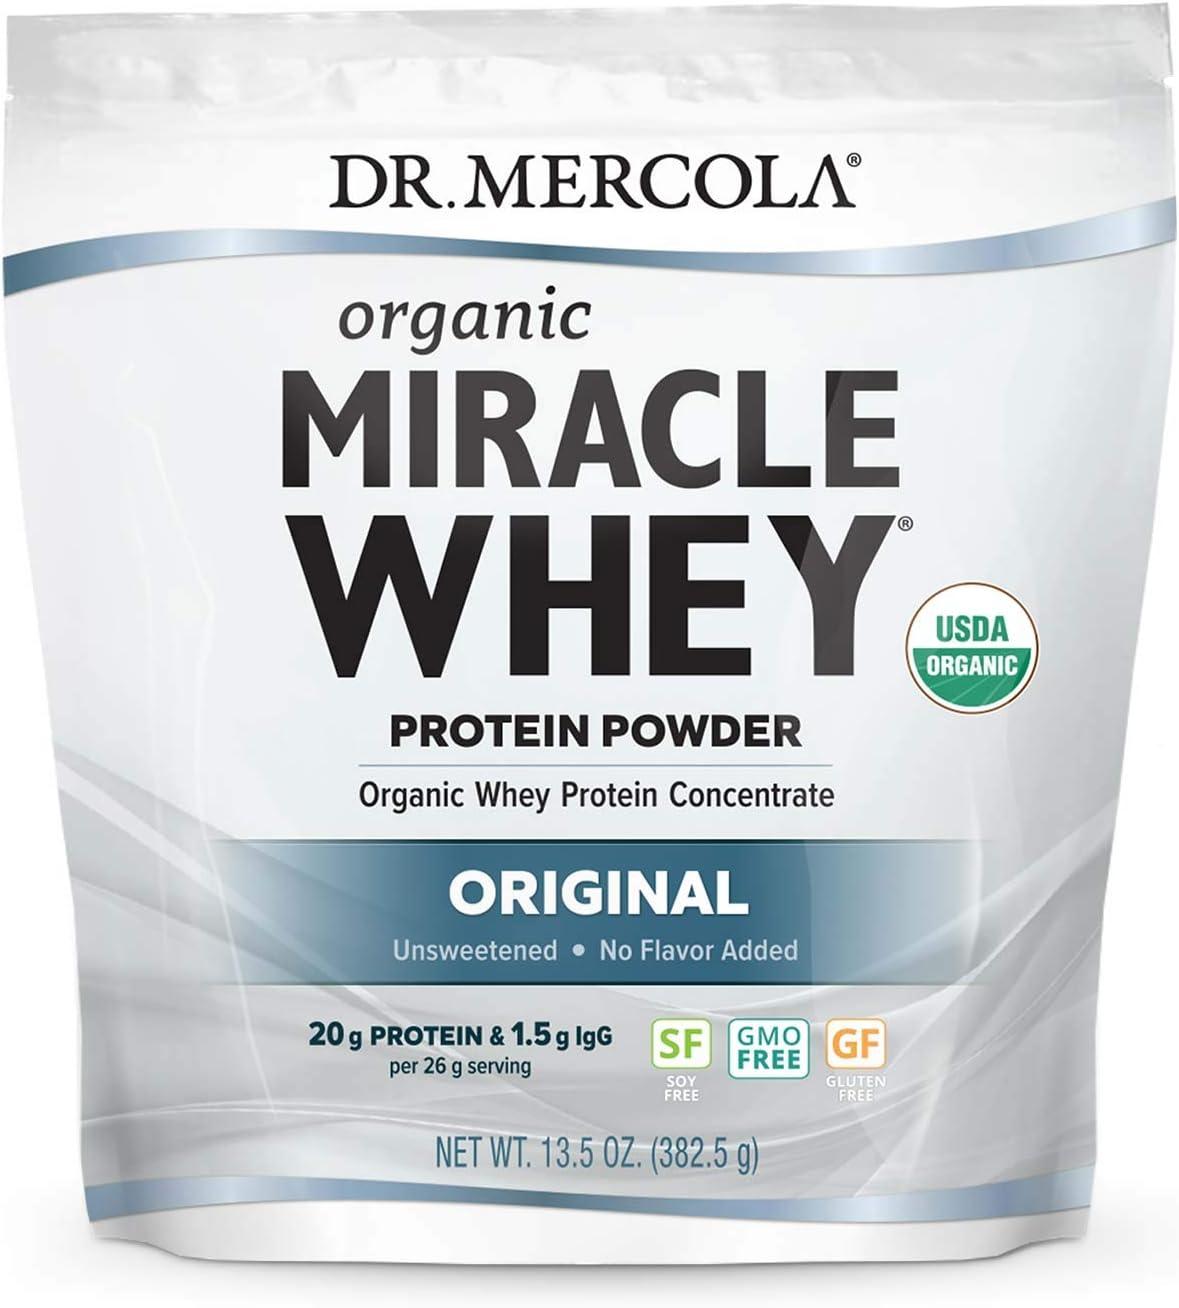 Dr. Mercola, Organic Miracle Whey Protein Power, 13.5 oz (382.5 g), Non GMO, Soy Free, Gluten Free, Non GMO, Soy-Free, Gluten Free, USDA Organic